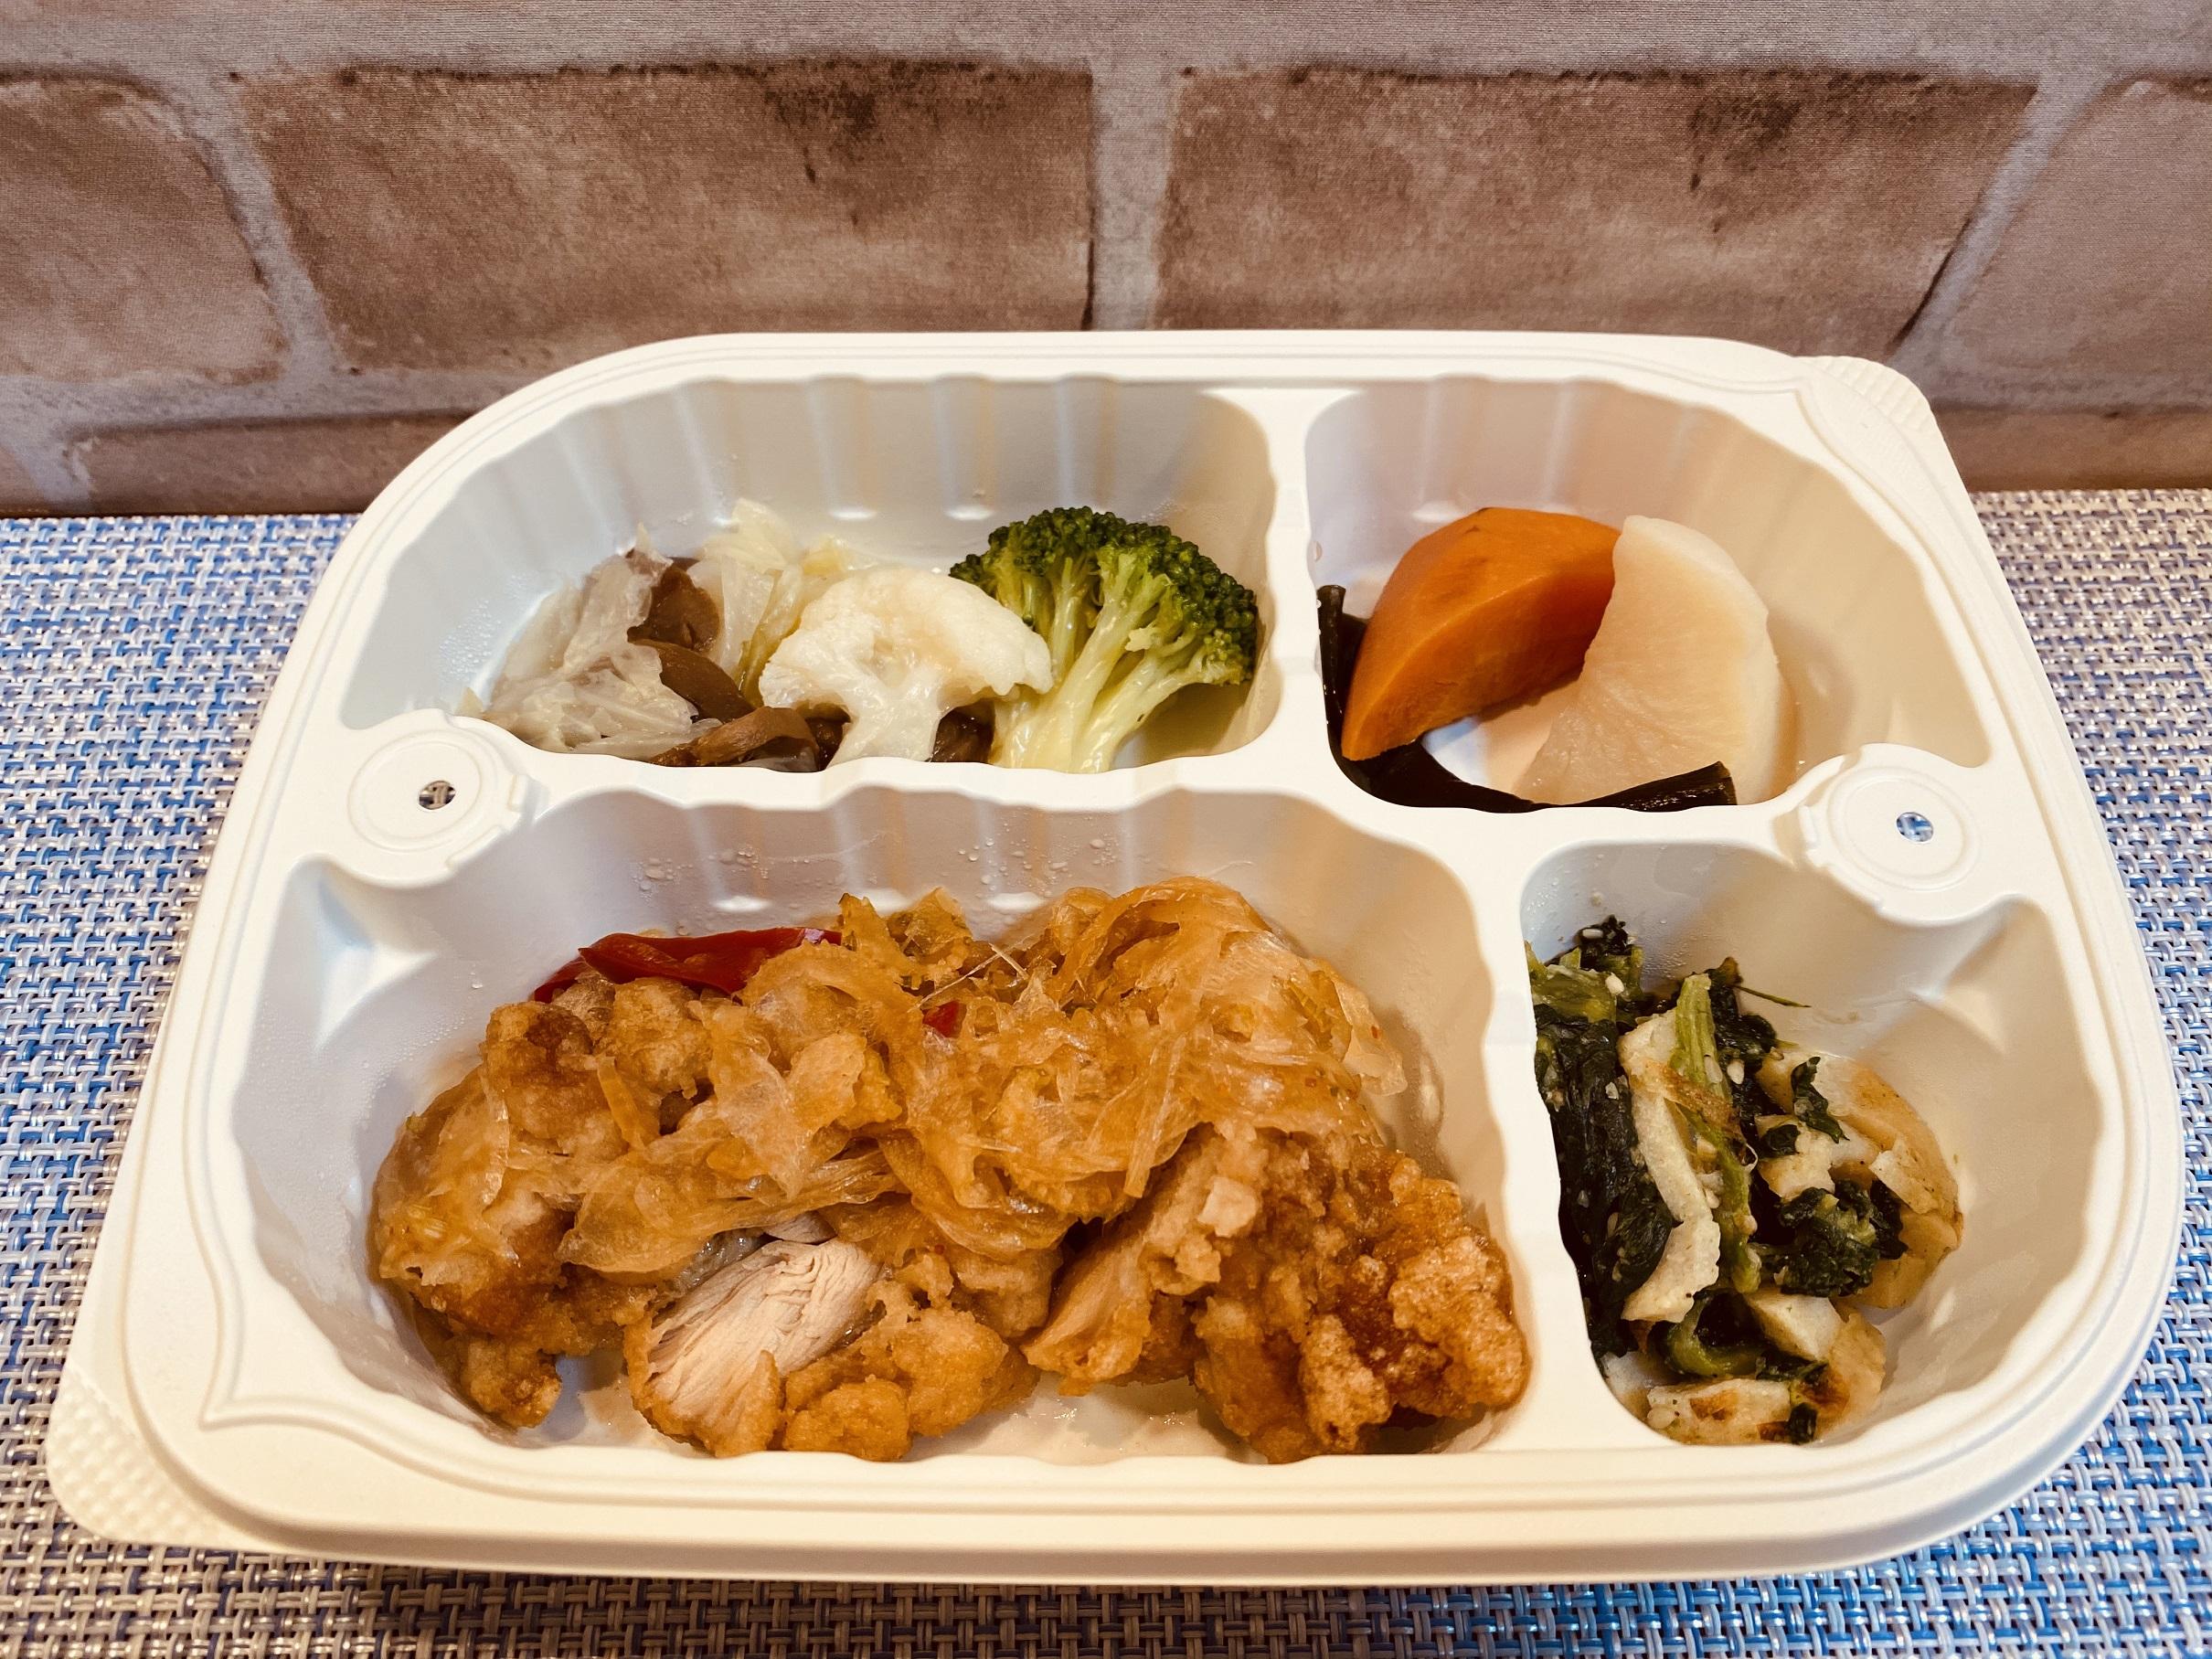 (メニューの一例)鶏南蛮、野菜のコンソメ煮、じゃがいもとニンジンの煮物、ほうれん草の和え物